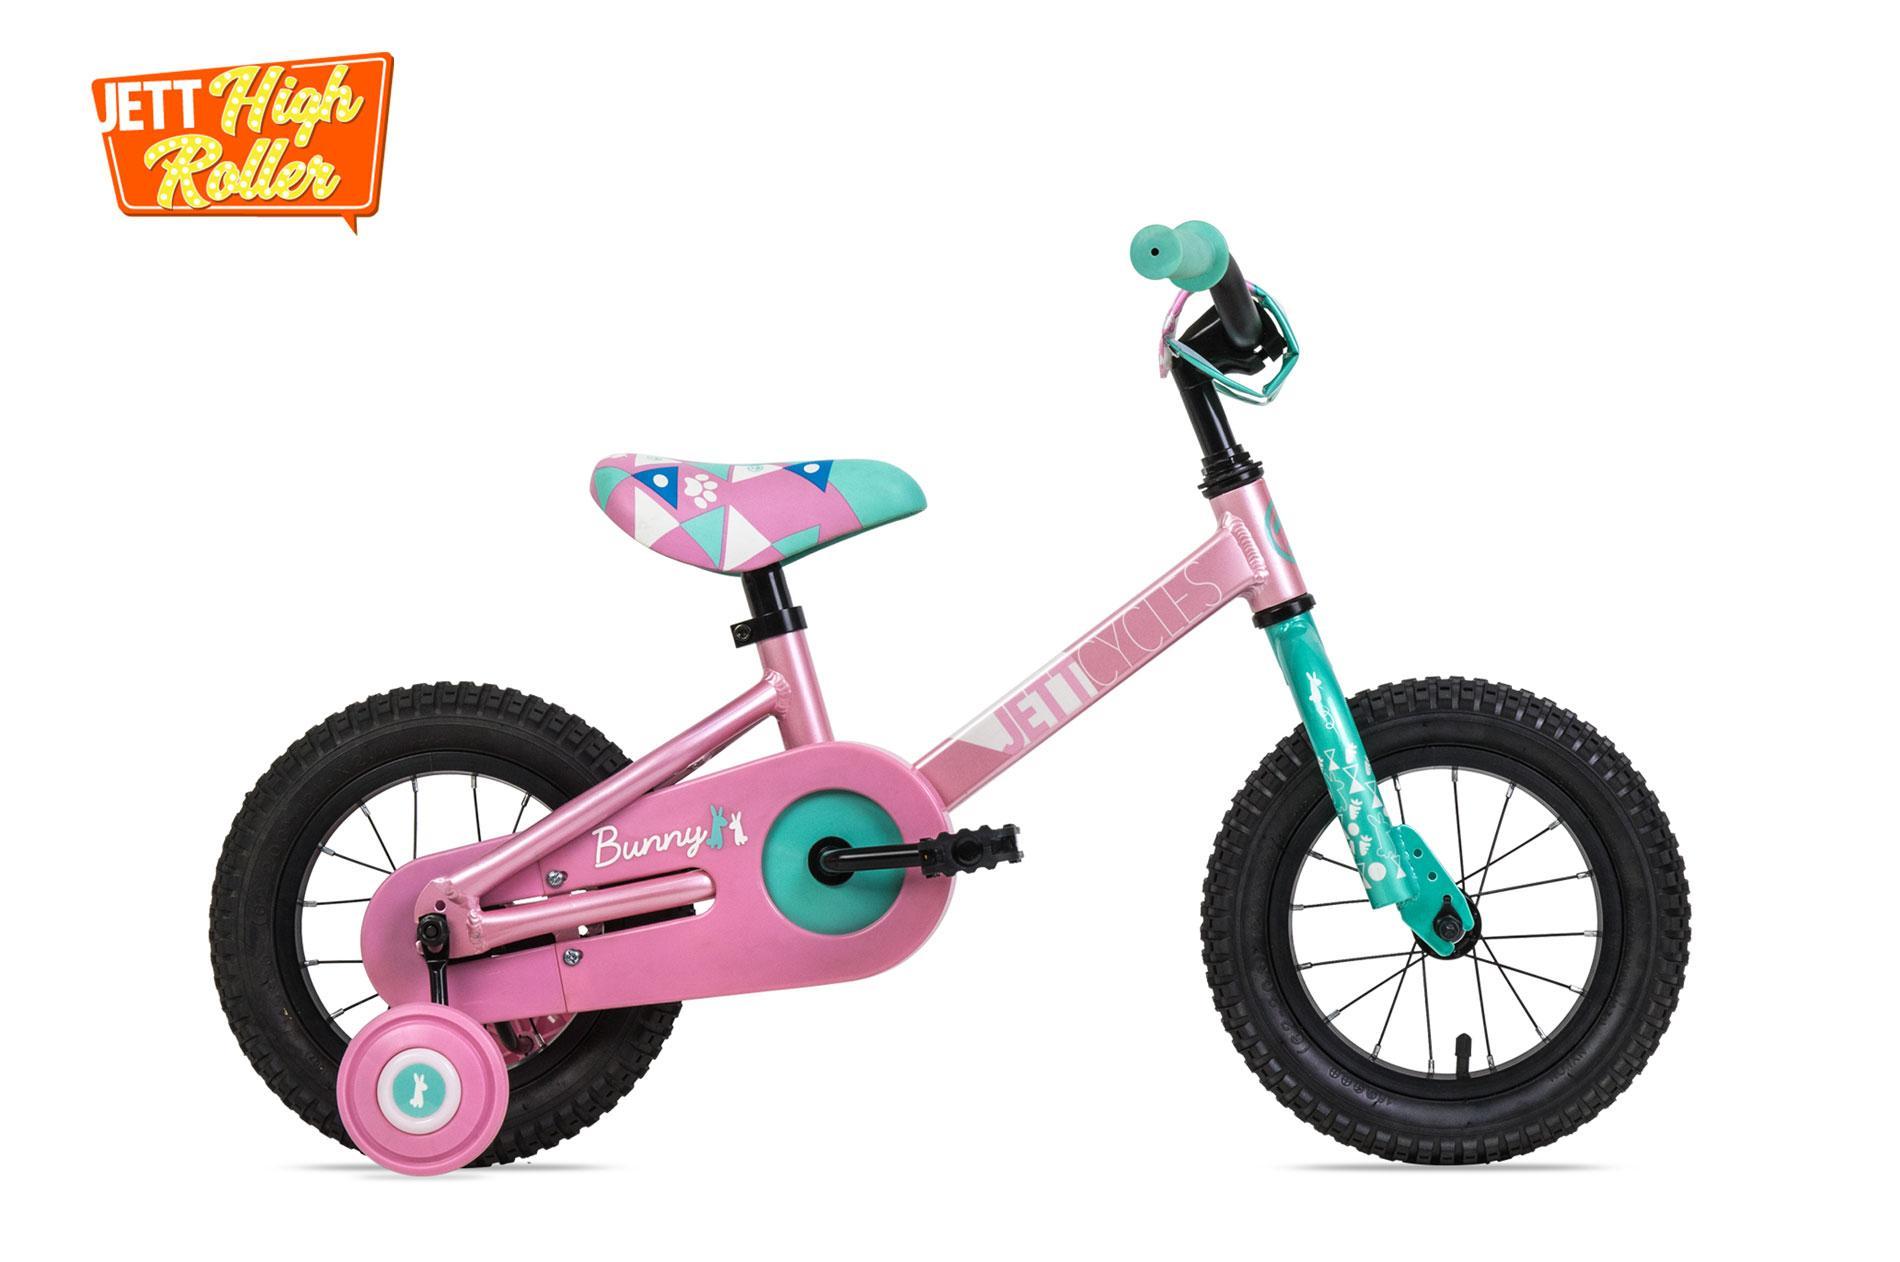 Xe đạp trẻ em Jett Cycles Bunny (Hồng)